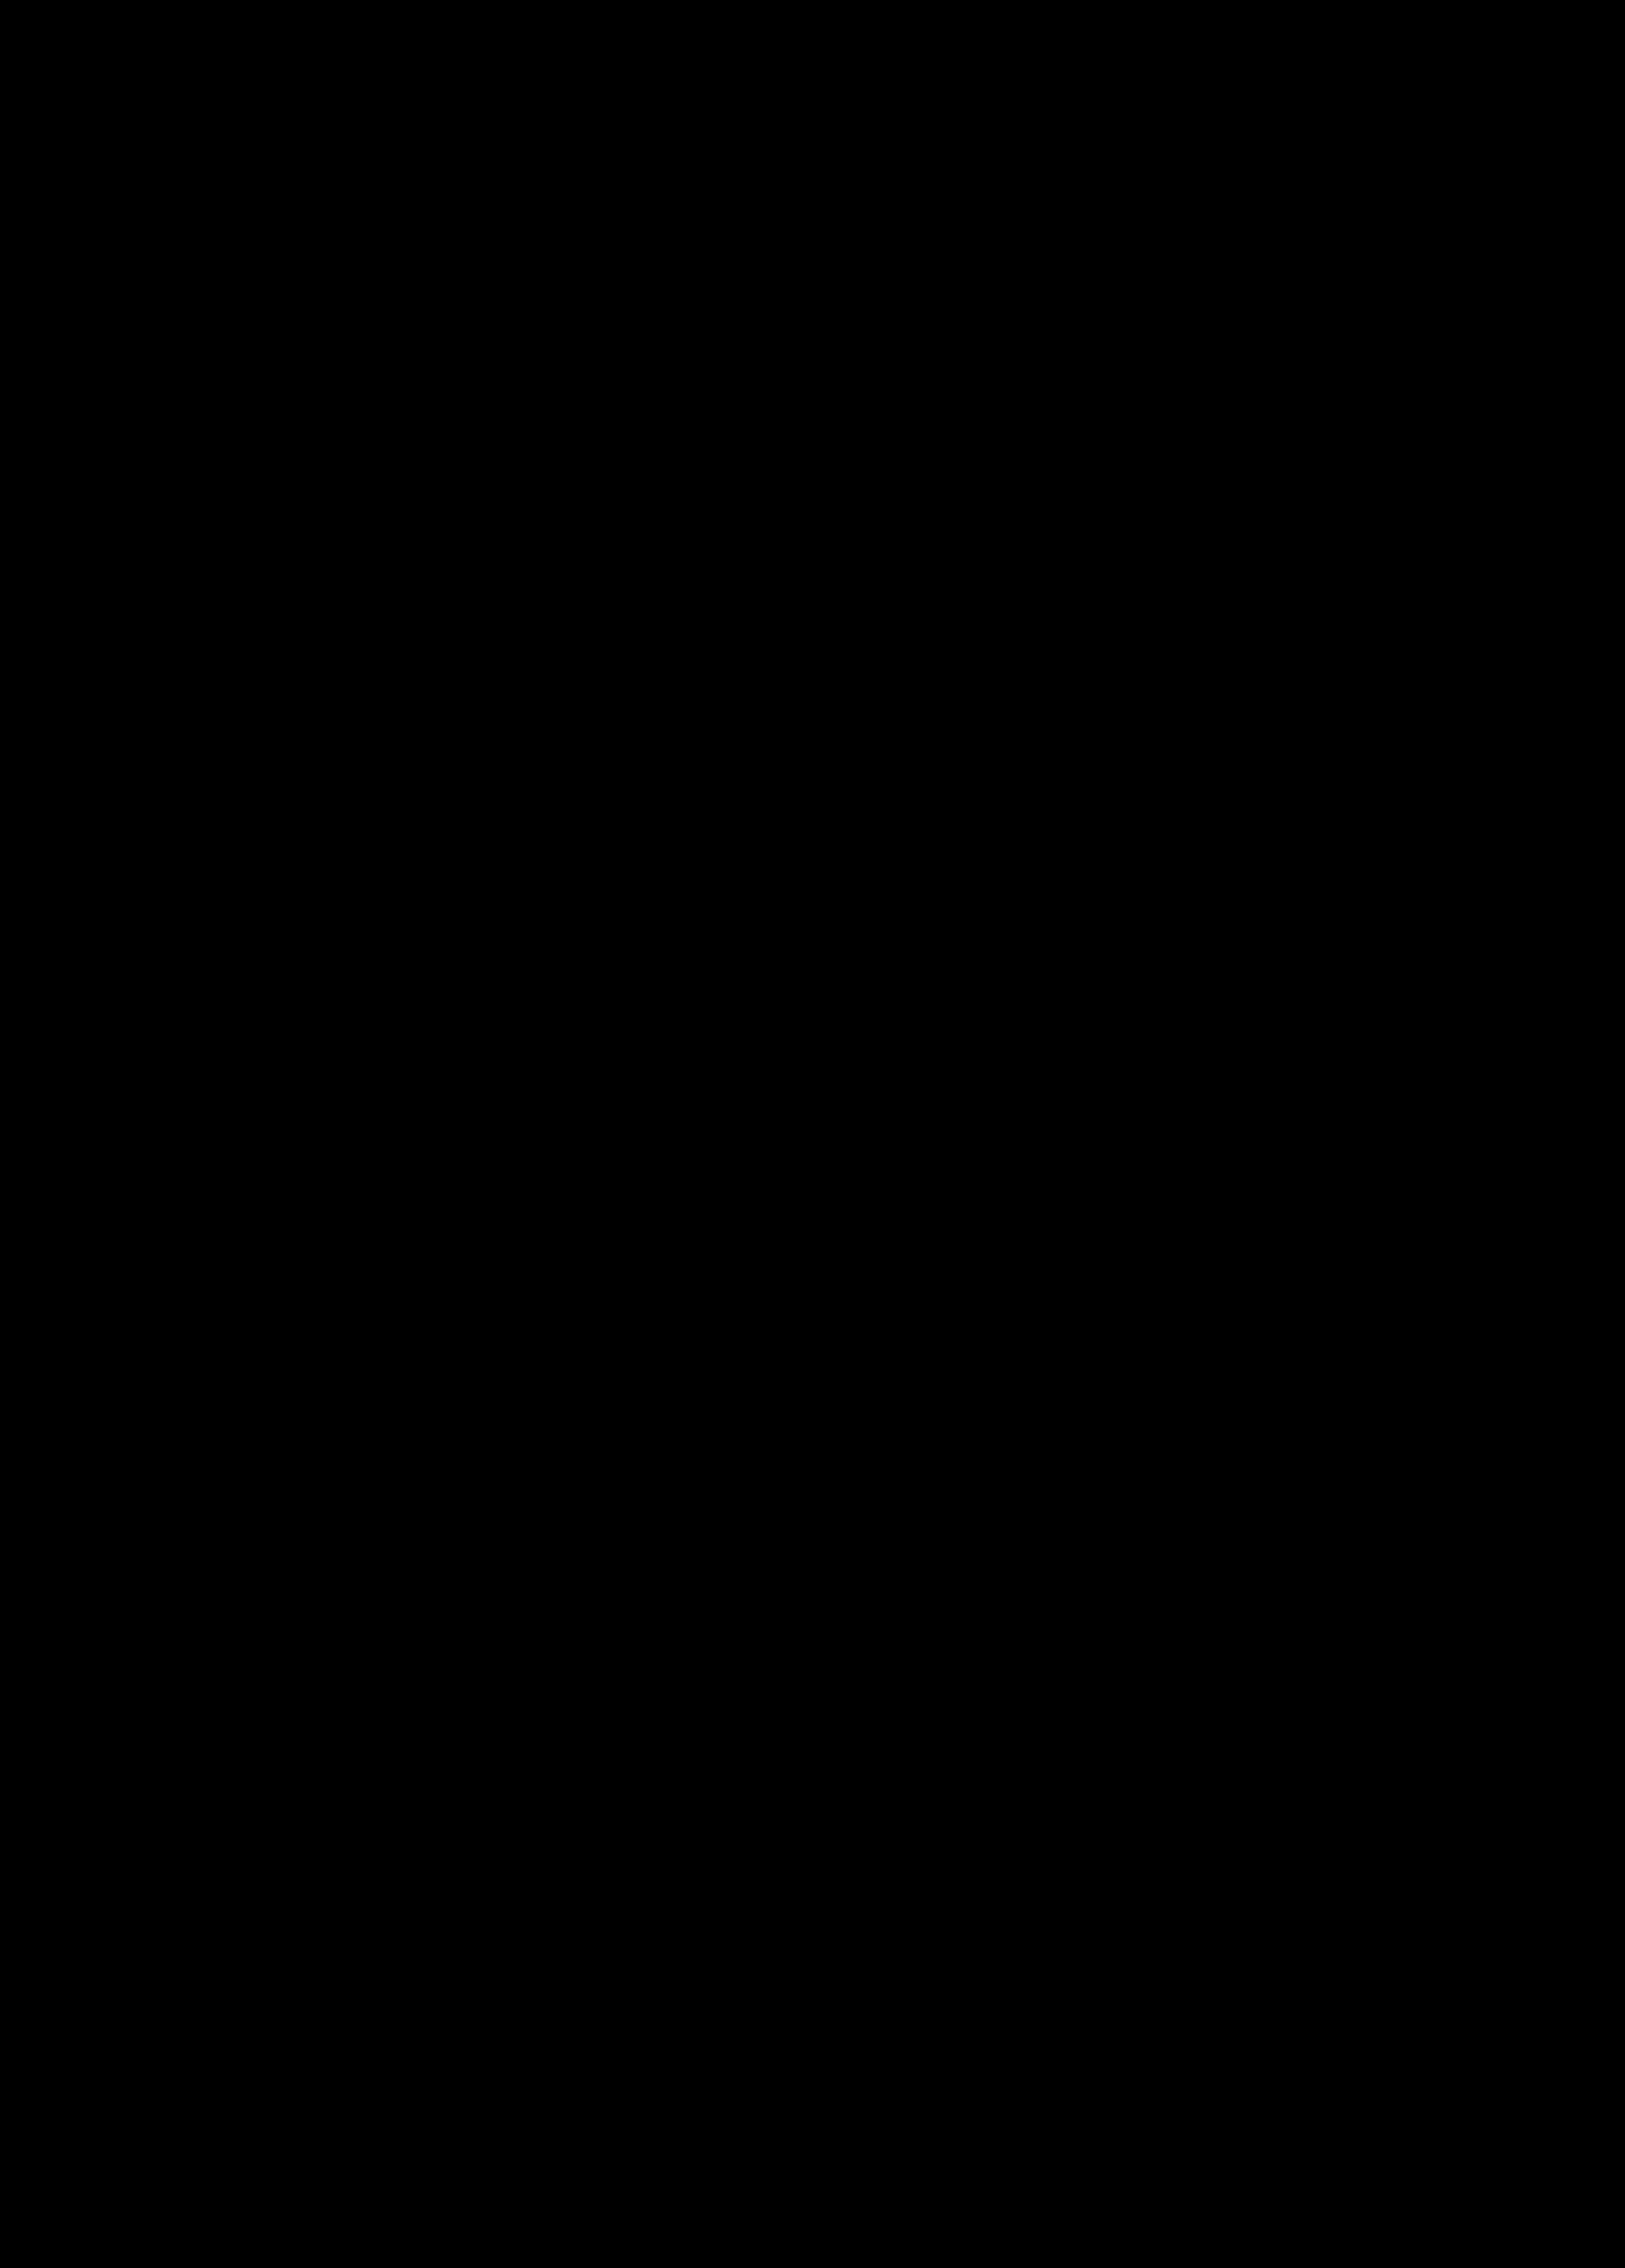 2019年 泰拳冠軍